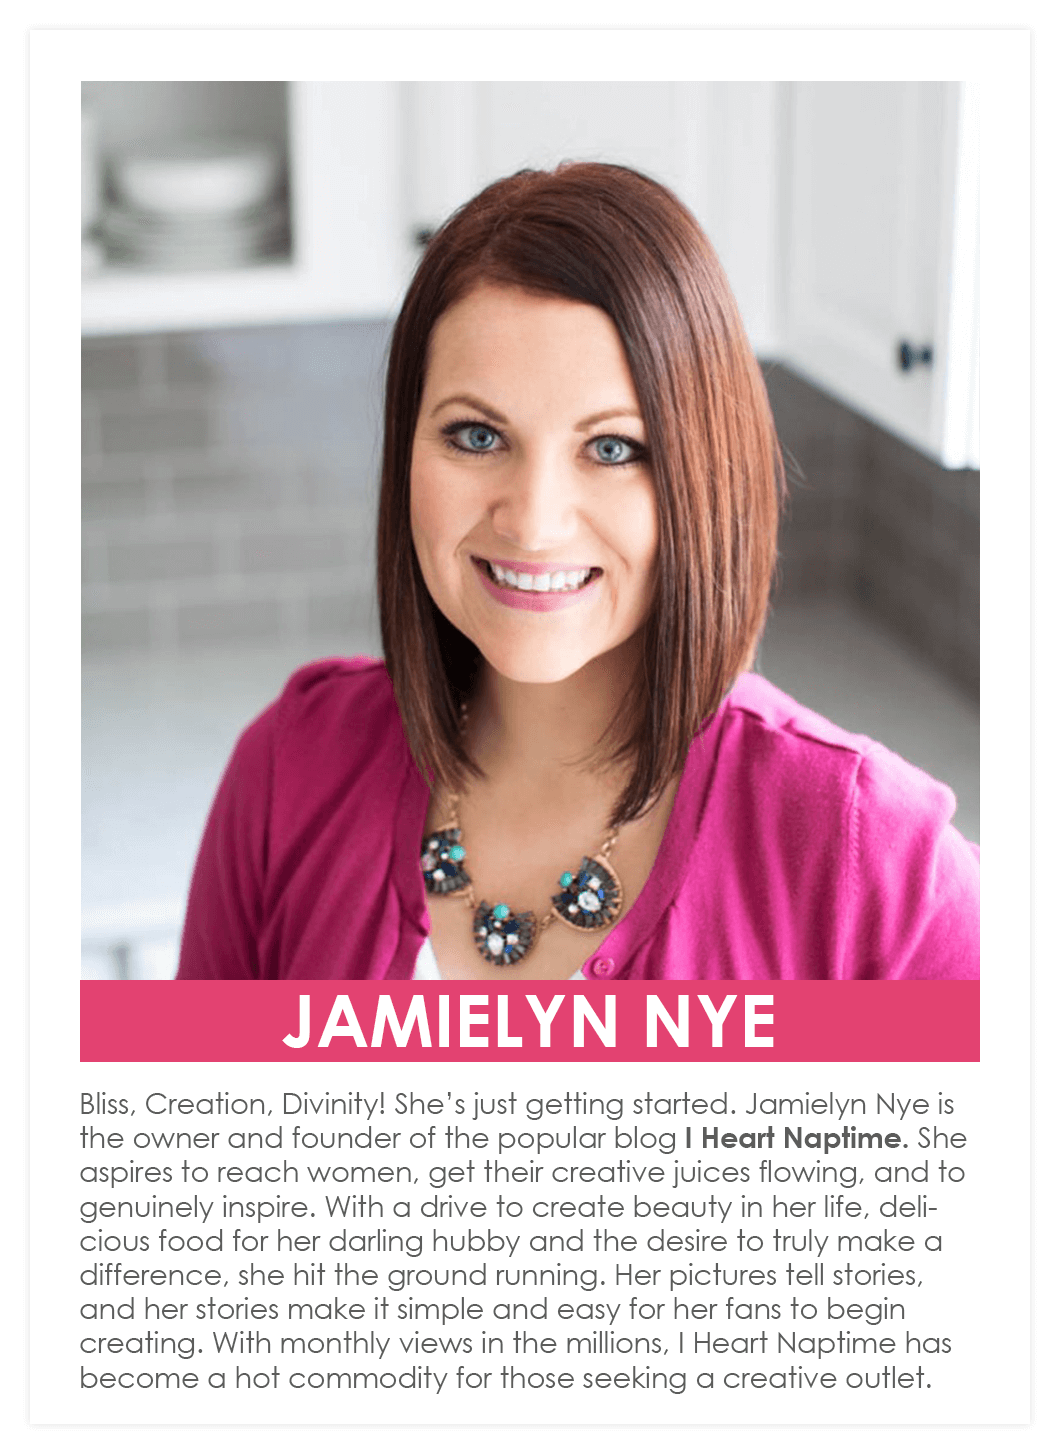 Jamielyn Nye